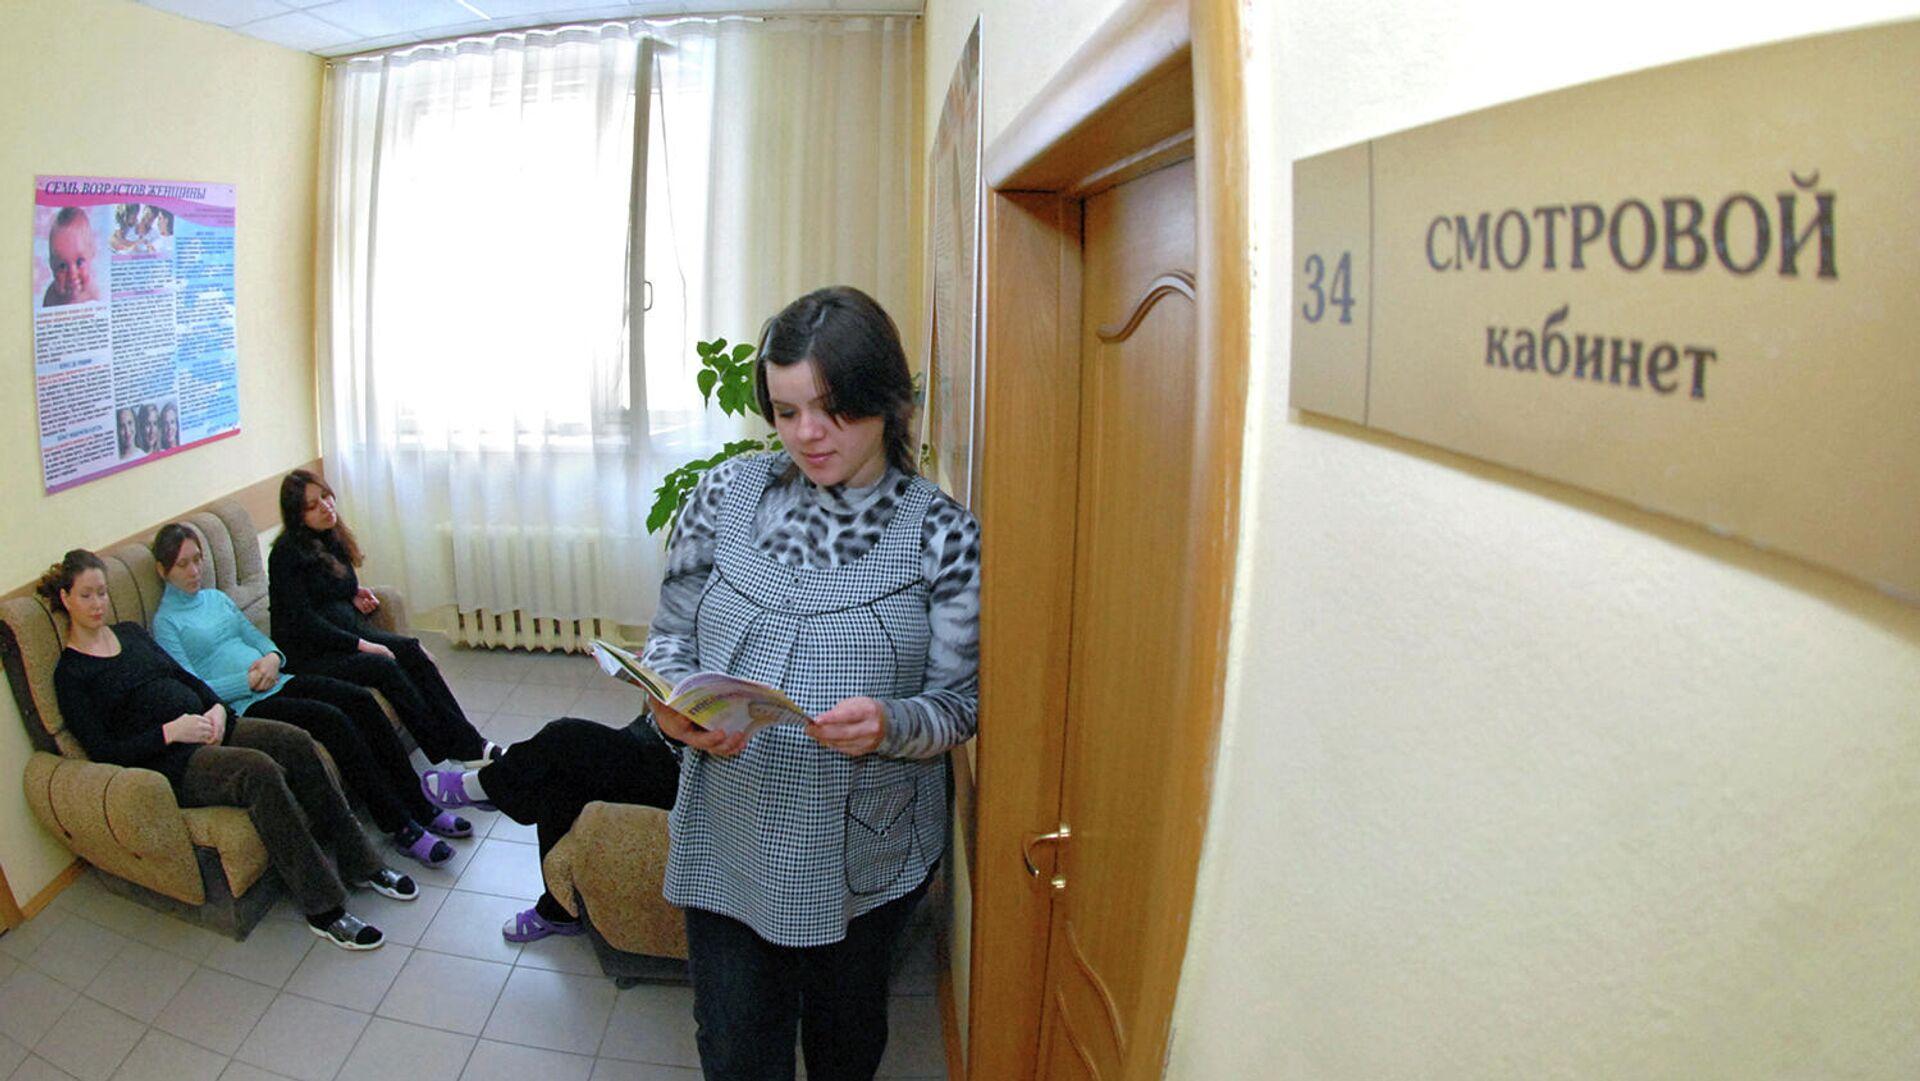 Беременные женщины в очереди на осмотр в женской консультации - РИА Новости, 1920, 21.08.2020